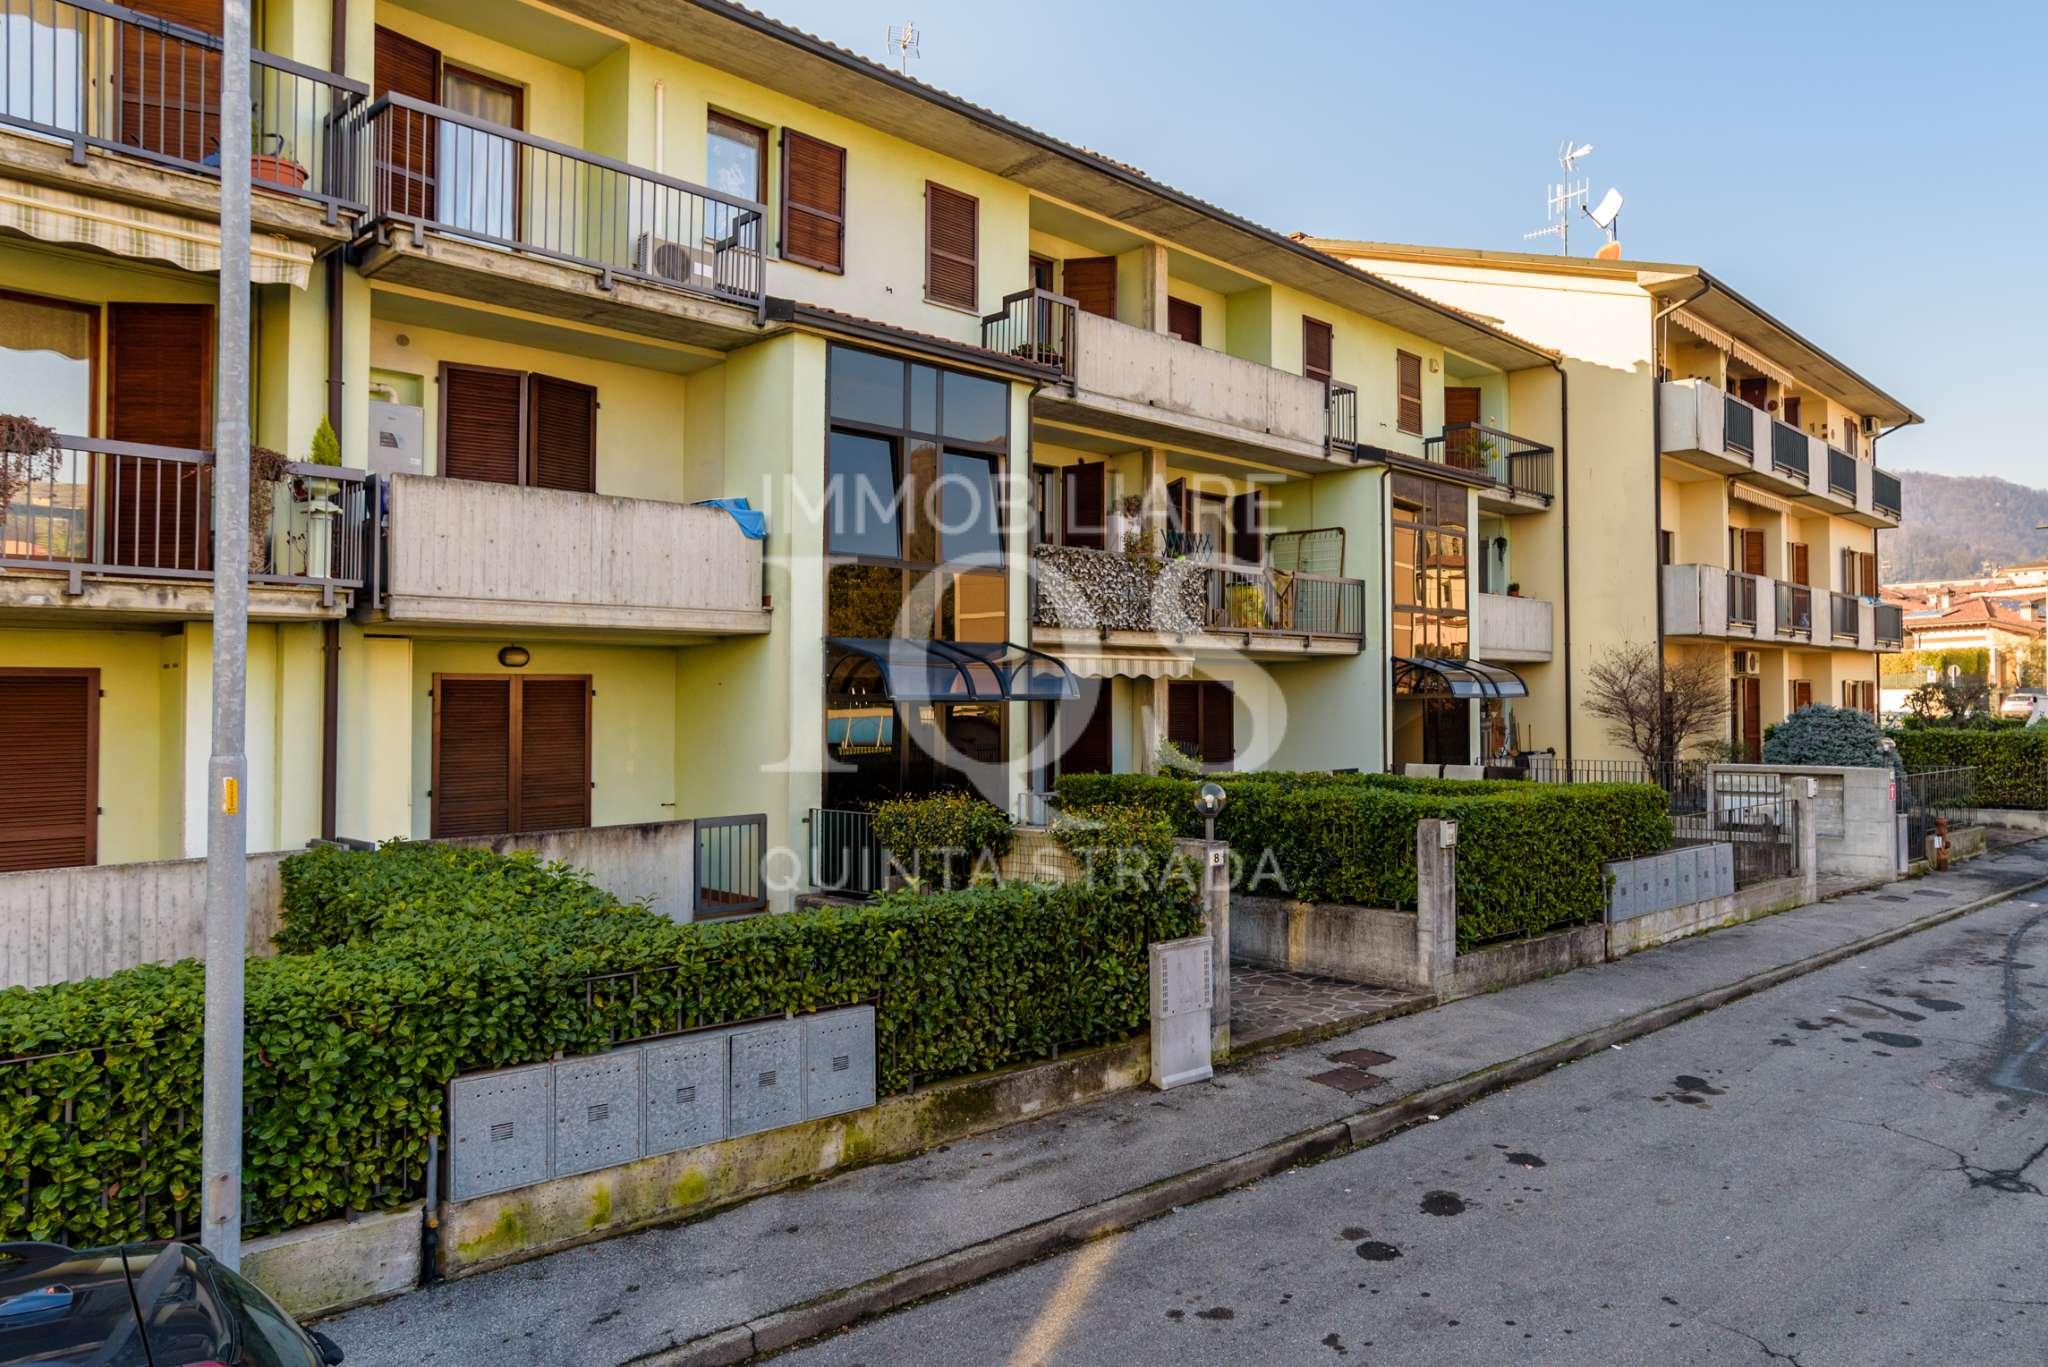 Appartamento in vendita a Villongo, 2 locali, prezzo € 74.000 | PortaleAgenzieImmobiliari.it